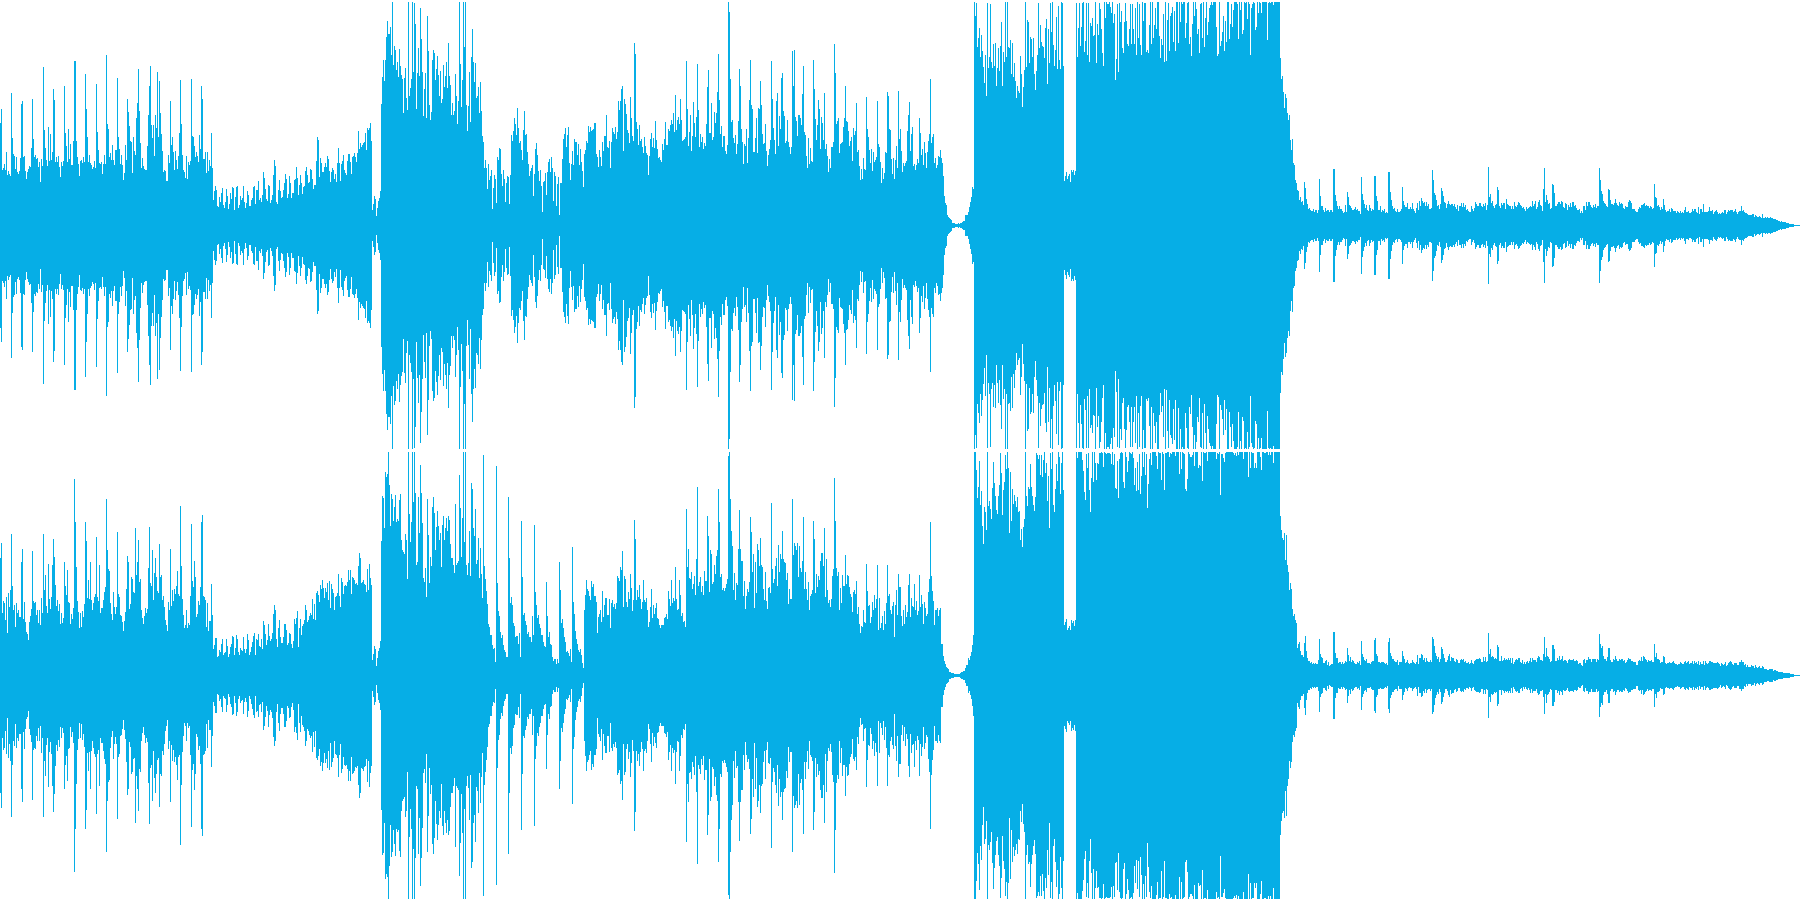 光の放射をイメージしたカラフルな曲の再生済みの波形